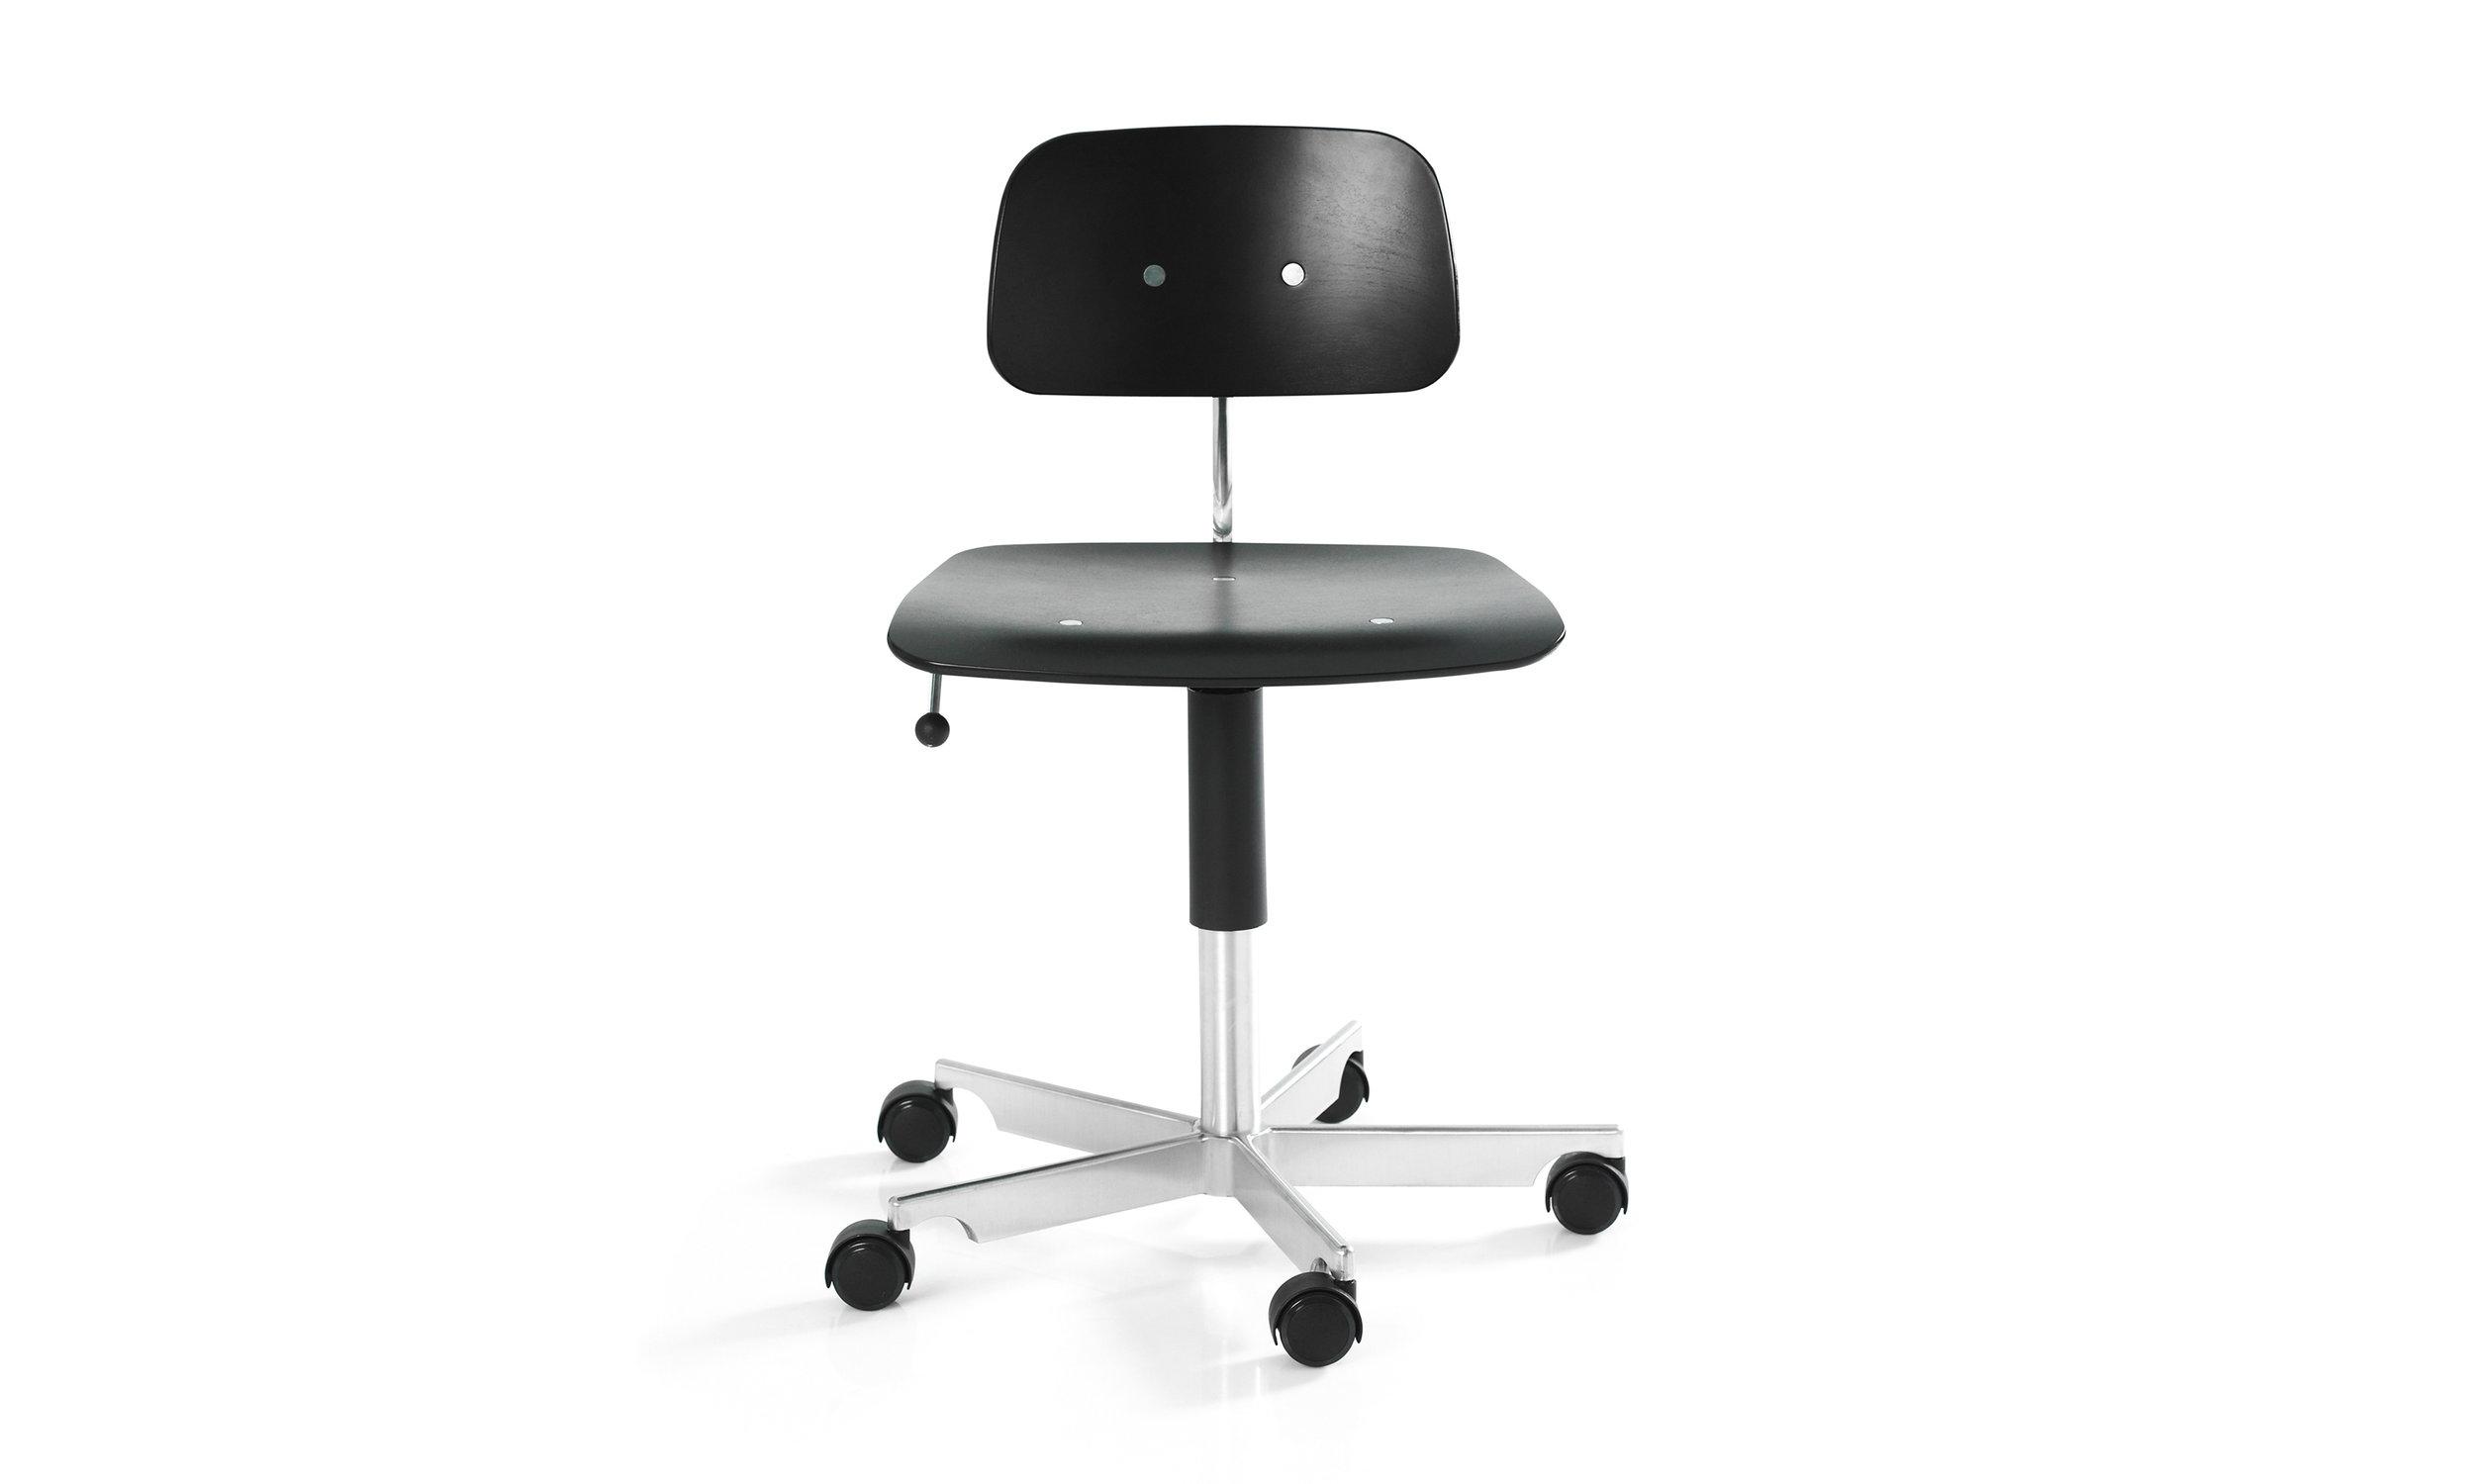 bureau-des-recommandations-office-chair-engelbrechts-jorgen-rasmussen-kevi-chair-2533-black.jpg